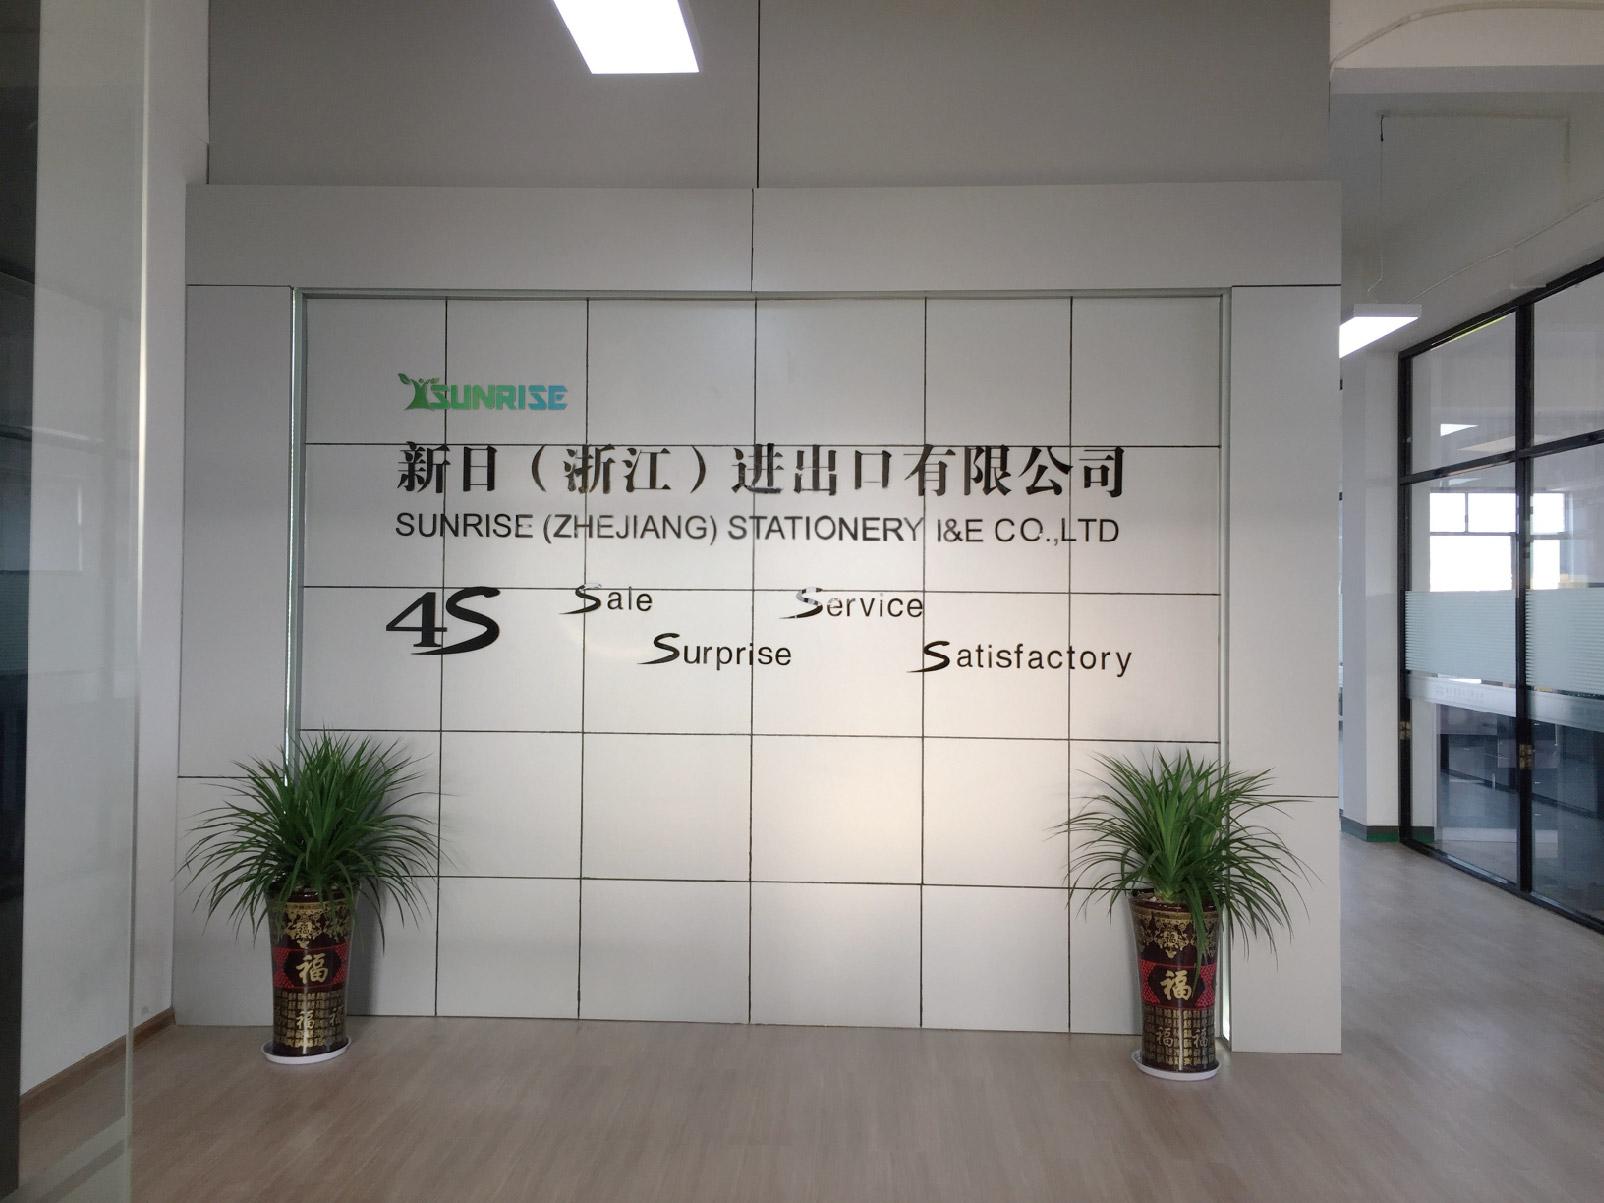 办事处(浙江)